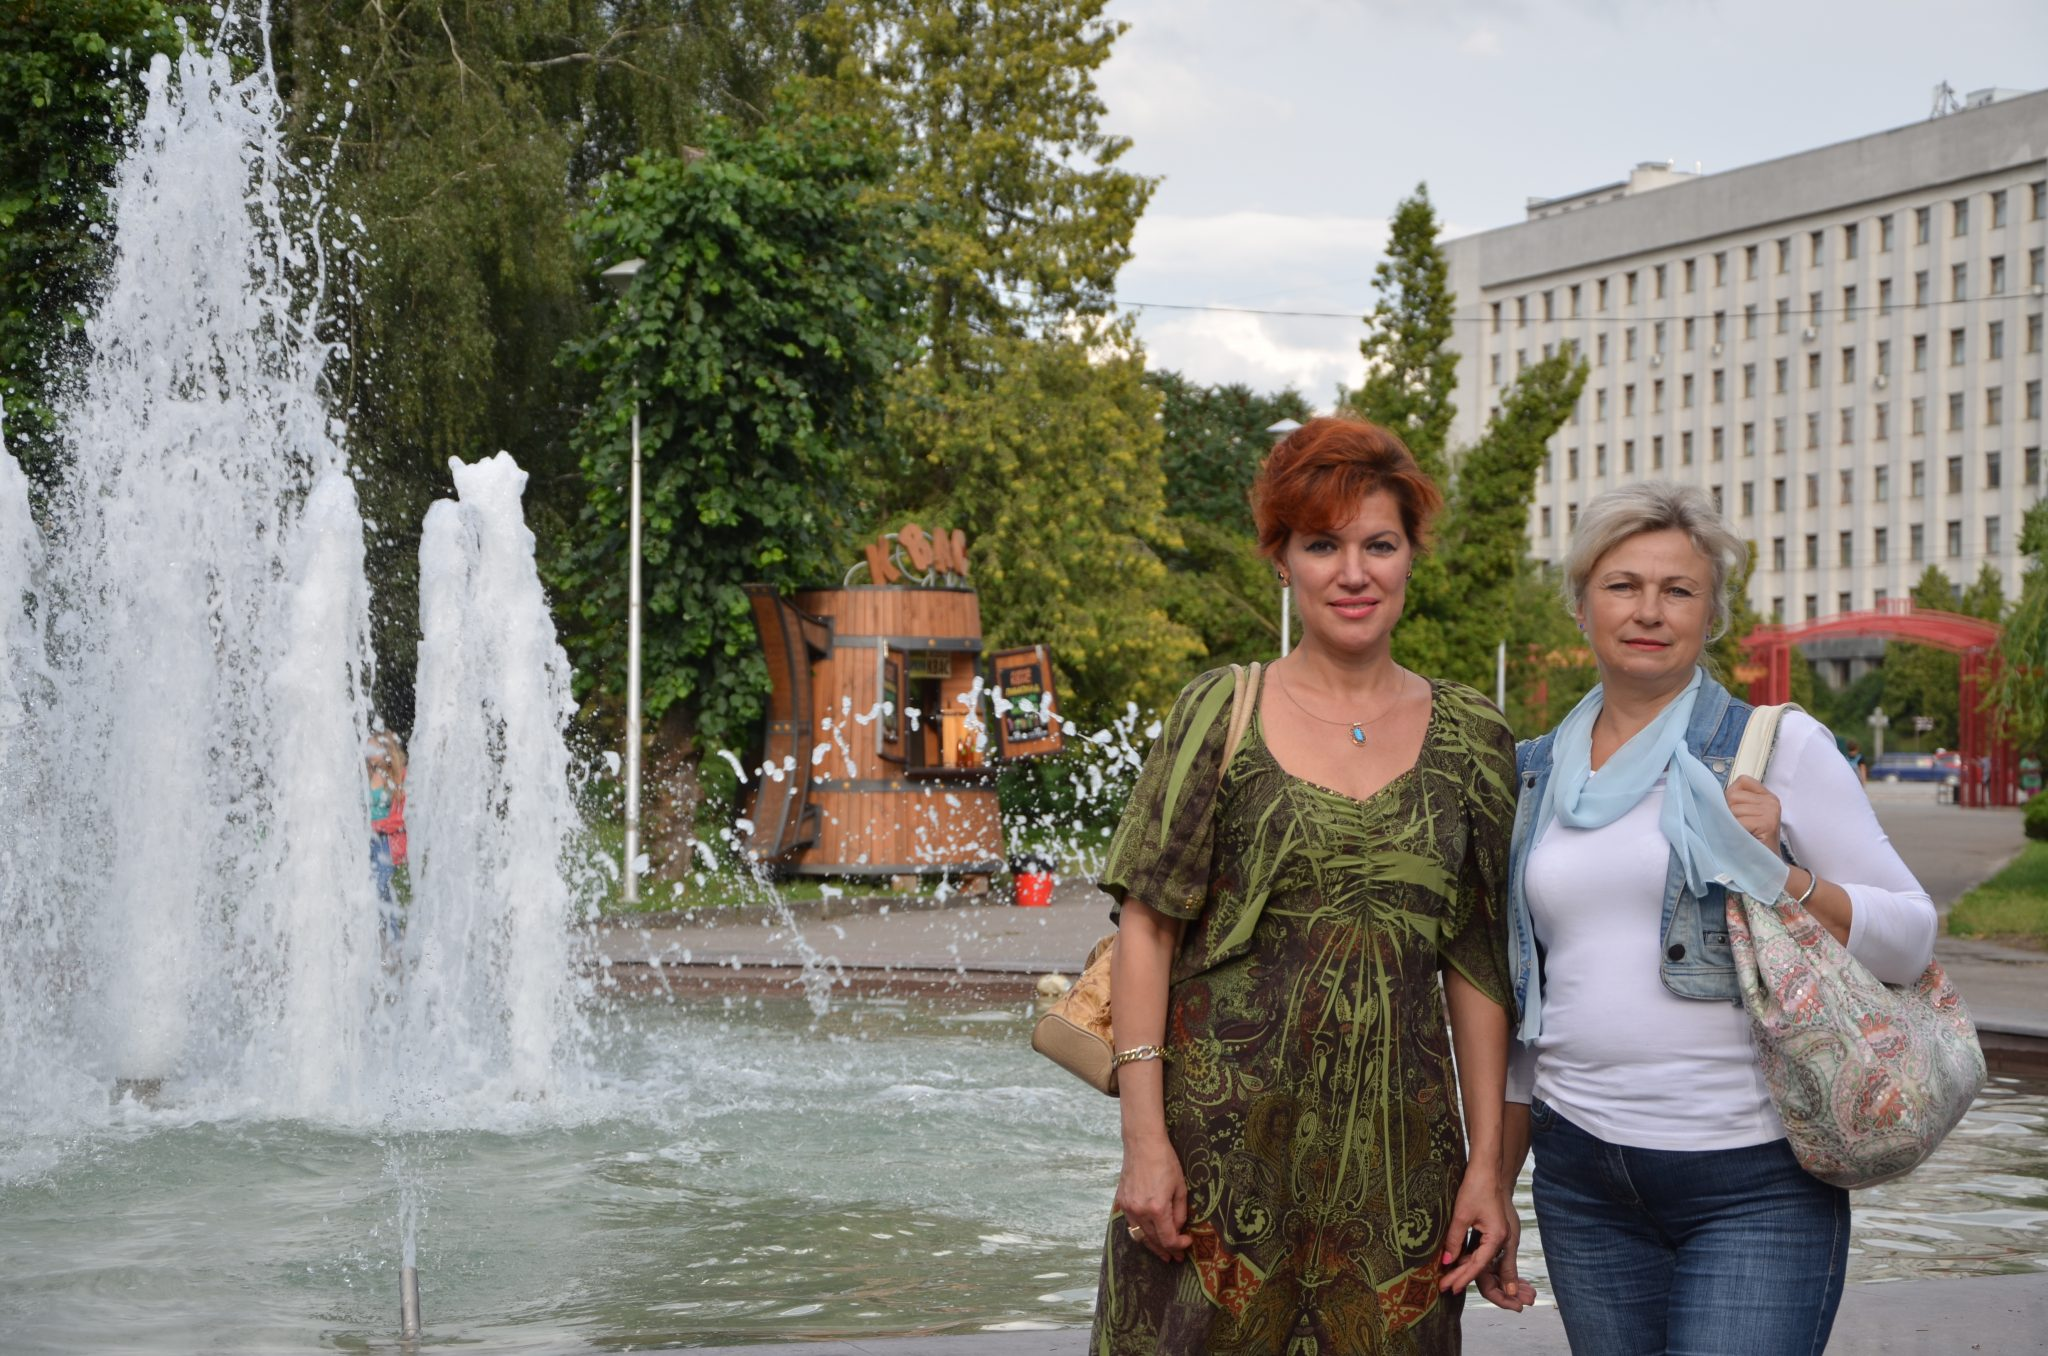 Viktoria und Maria (hier in der Stadt) helfen ihren Klientinnen und deren Kindern. Foto: Theodora Höger